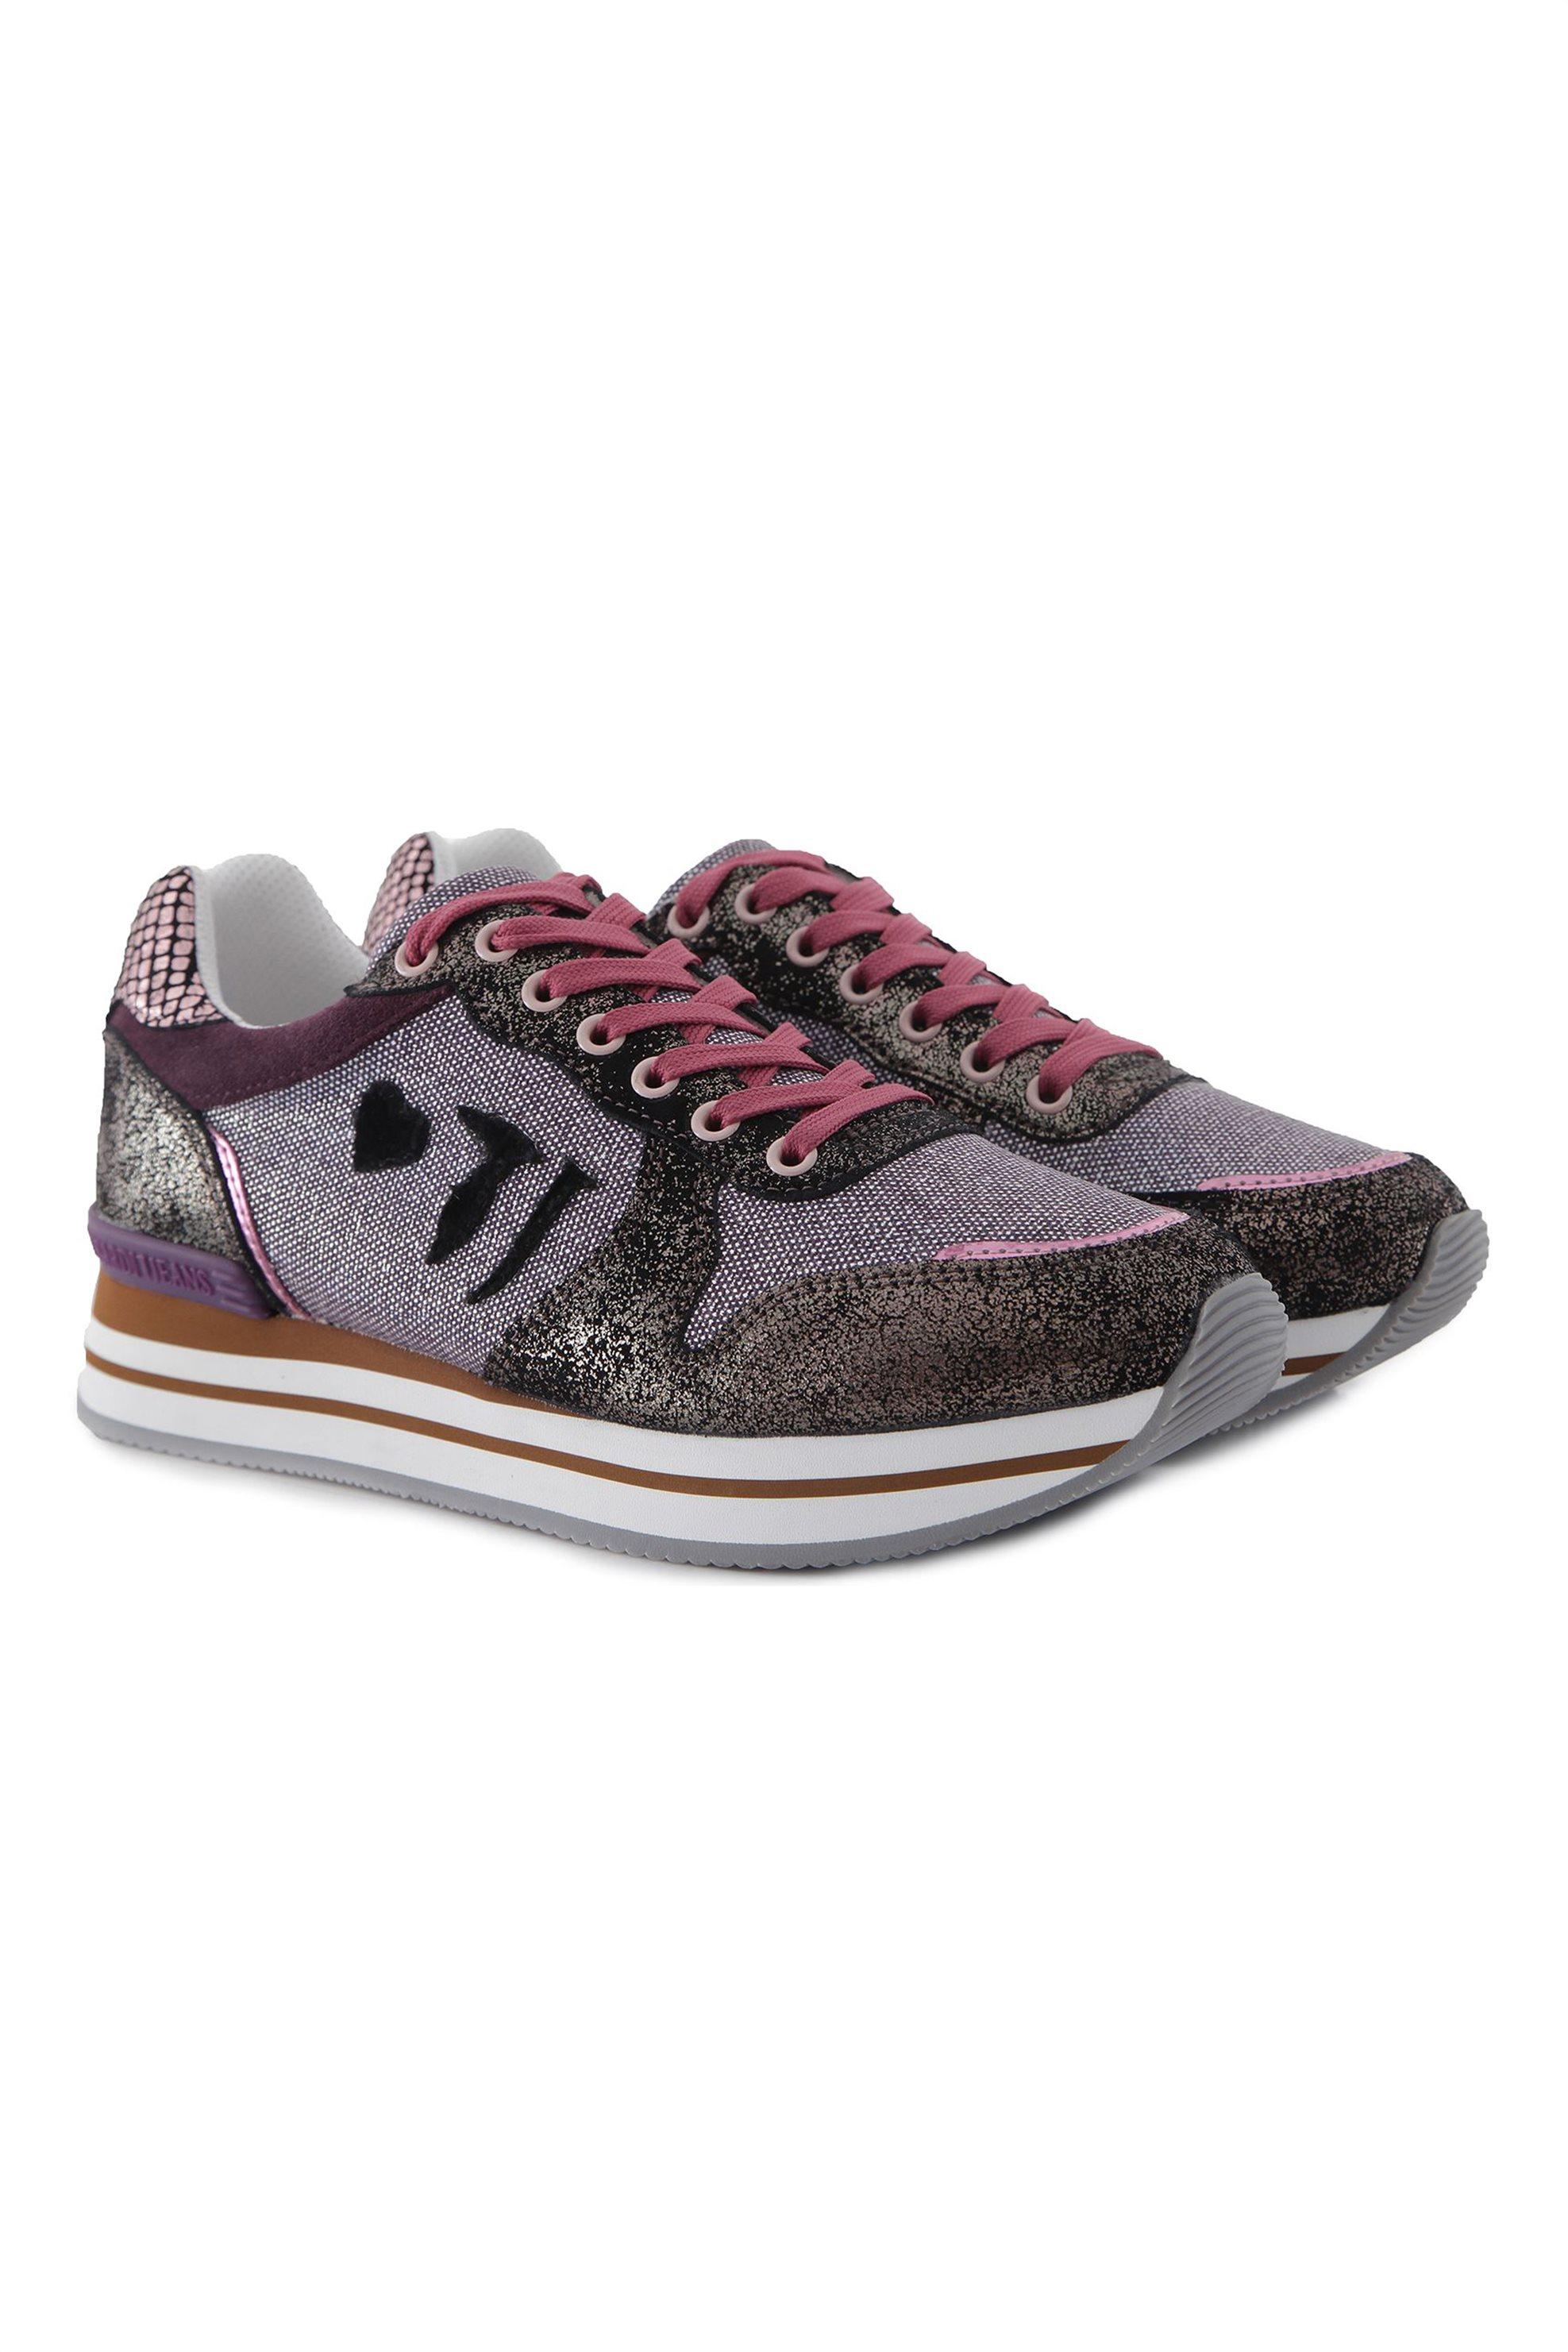 Trussardi γυναικεία sneakers με μεταλλικές λεπτομέρειες – 79A00245-9Y099999 – Μπορντό